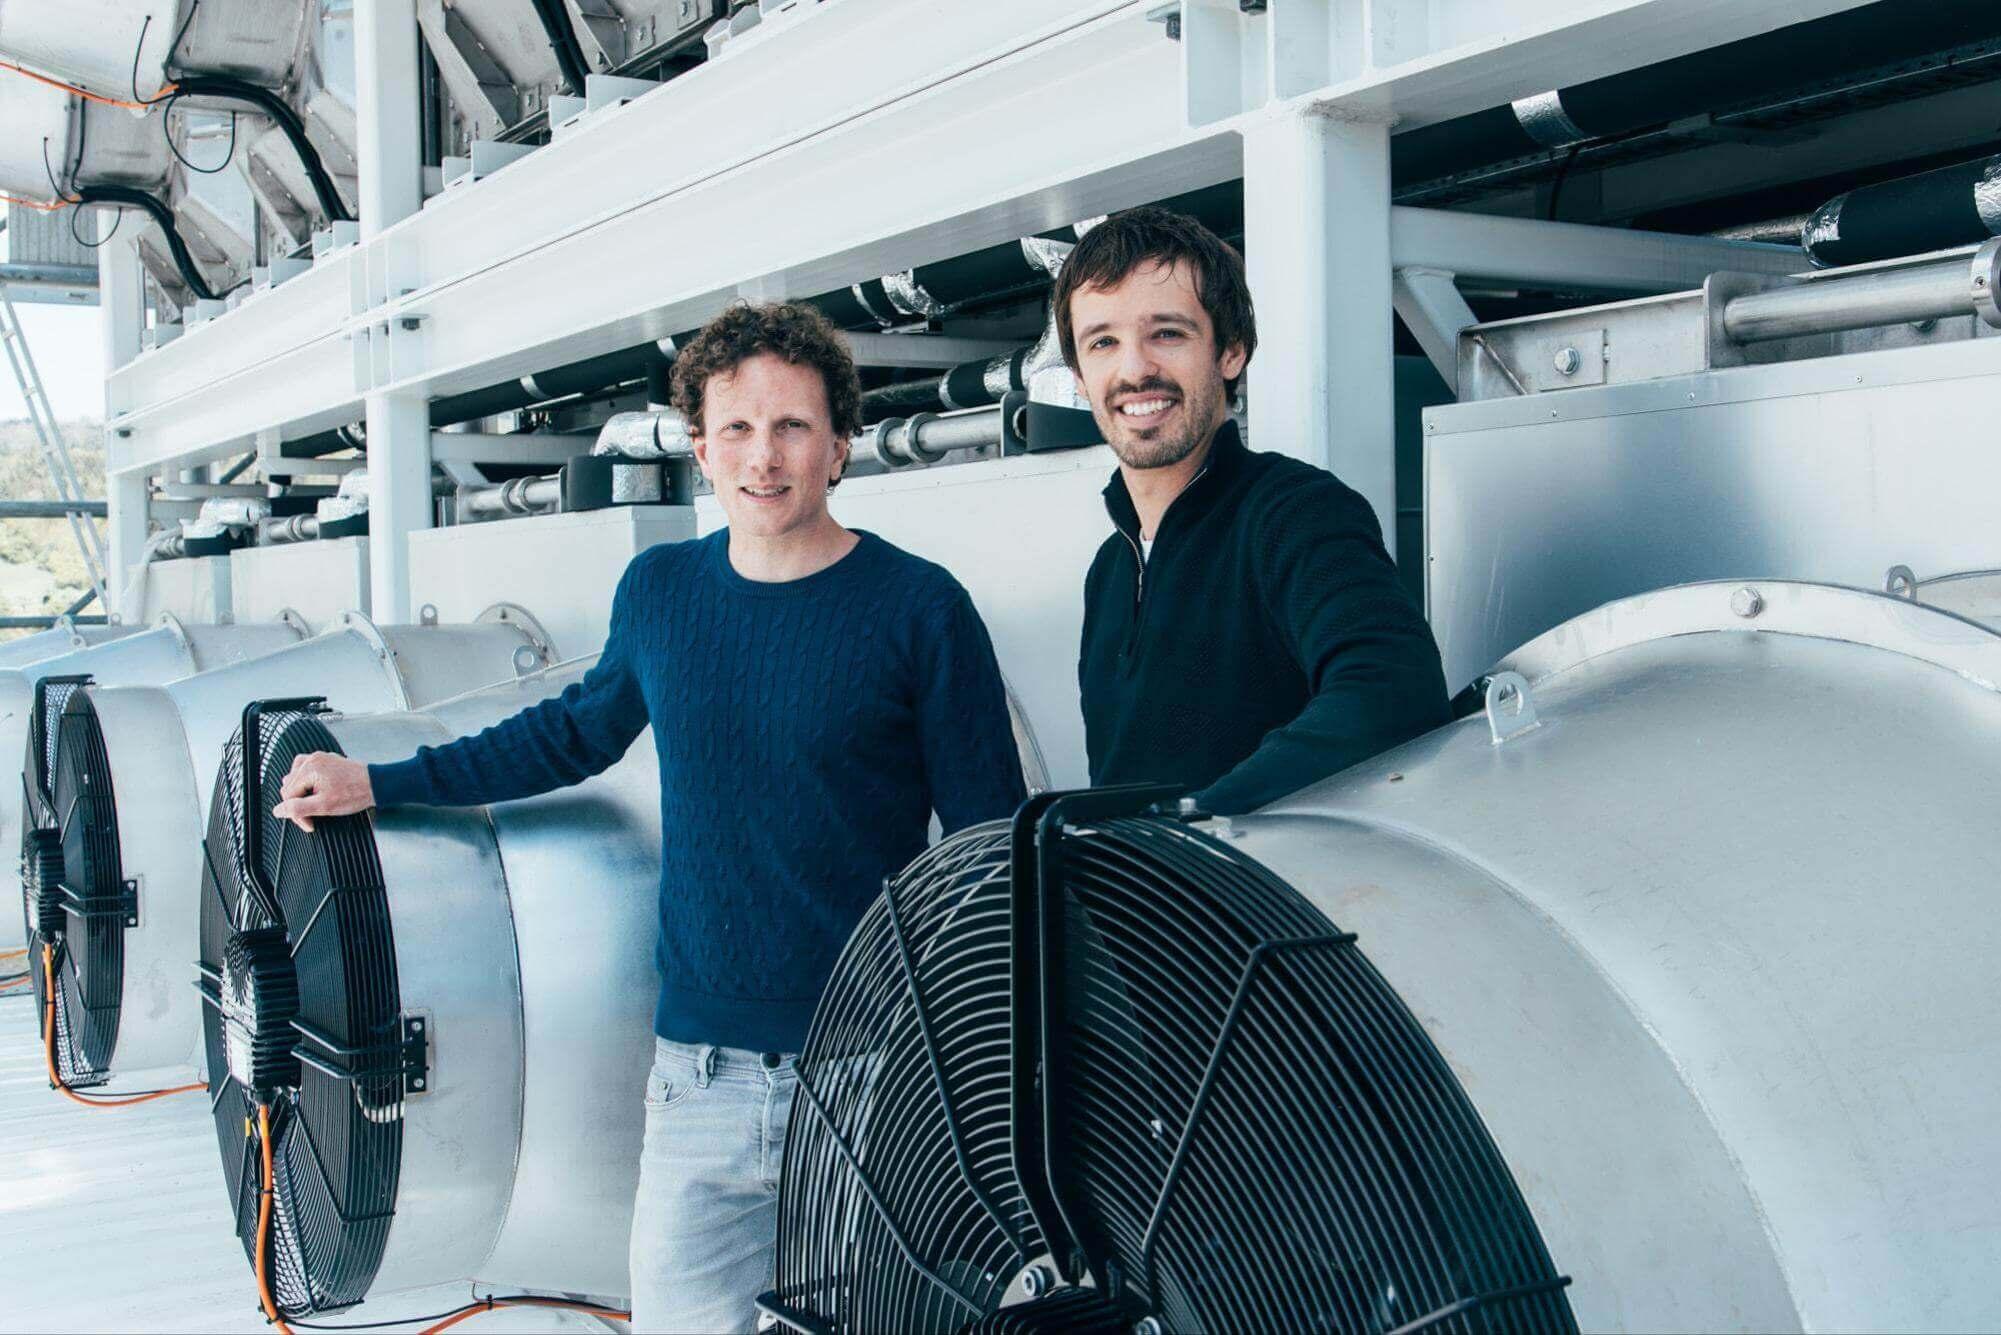 Les doctorants de l'ETH Christoph Gebald et Jan Wurzbacher ont fondé la société Climeworks en 2009. Julia Dunlop